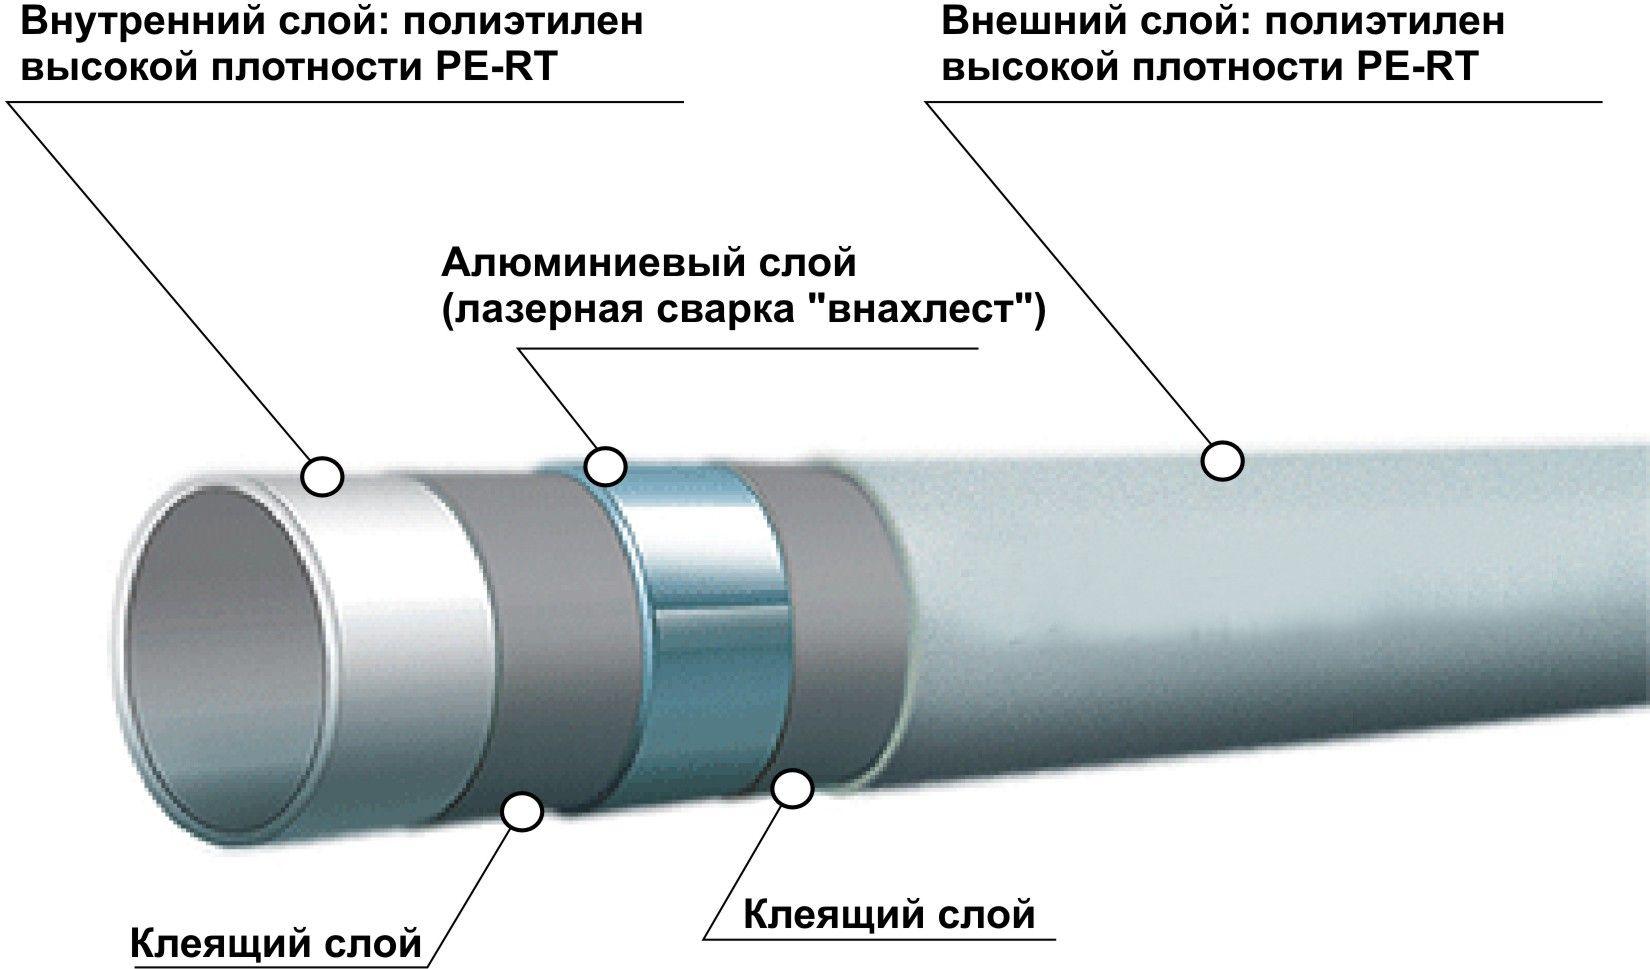 Полиэтиленовой трубы ре-rт